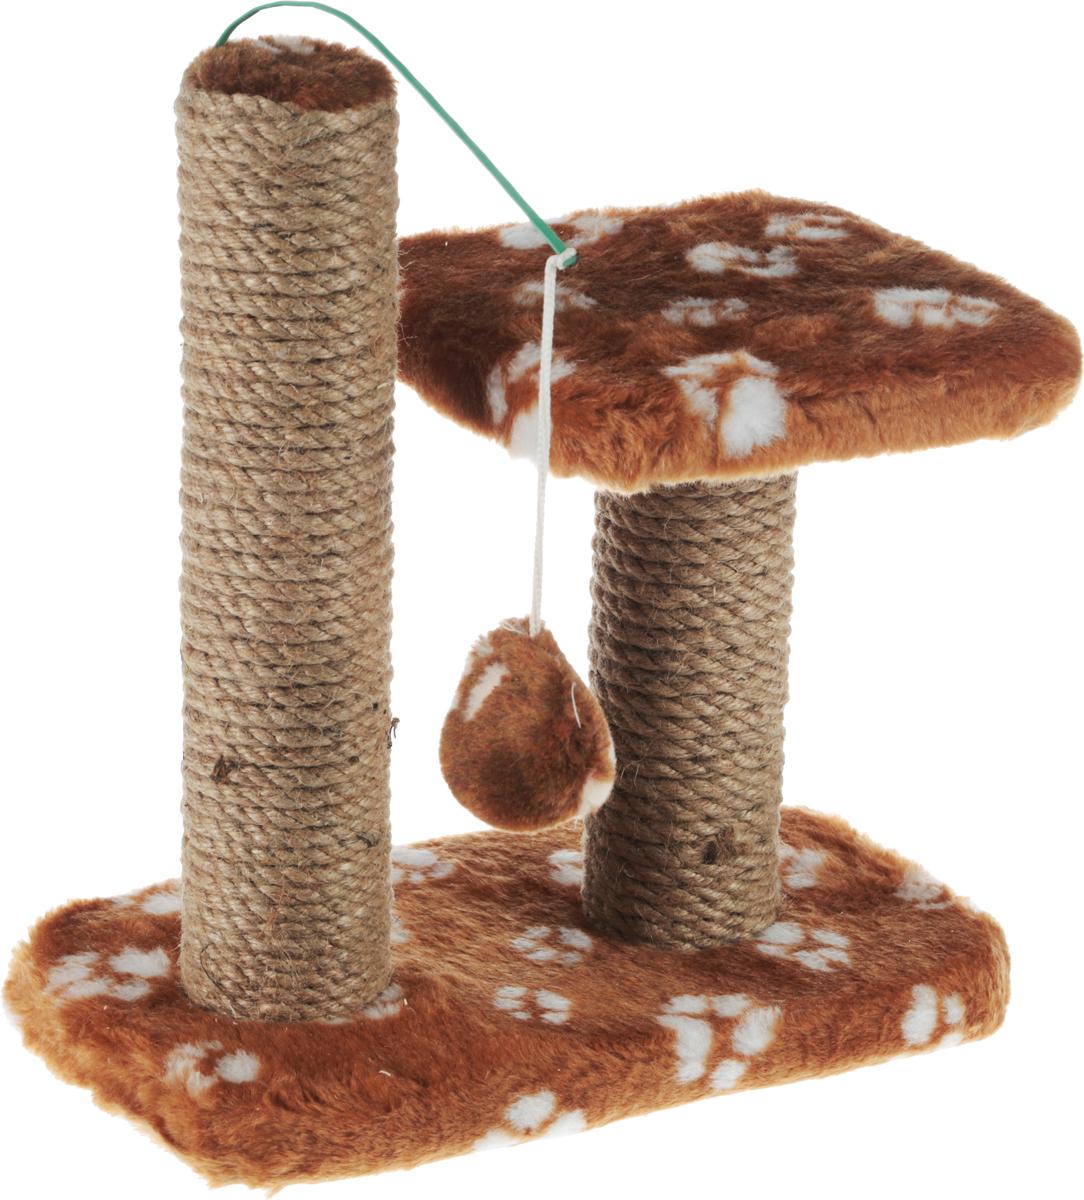 Когтеточка для котят Меридиан, двойная, цвет: коричневый, белый, бежевый, 30 х 20 х 34 см0120710Когтеточка Меридиан предназначена для стачивания когтей вашего котенка и предотвращения их врастания. Она выполнена из ДВП, ДСП и обтянута искусственным мехом. Точатся когти о столбик из джута. Когтеточка оснащена подвесной игрушкой и полкой, на которой котенок сможет отдохнуть.Когтеточка позволяет сохранить неповрежденными мебель и другие предметы интерьера.